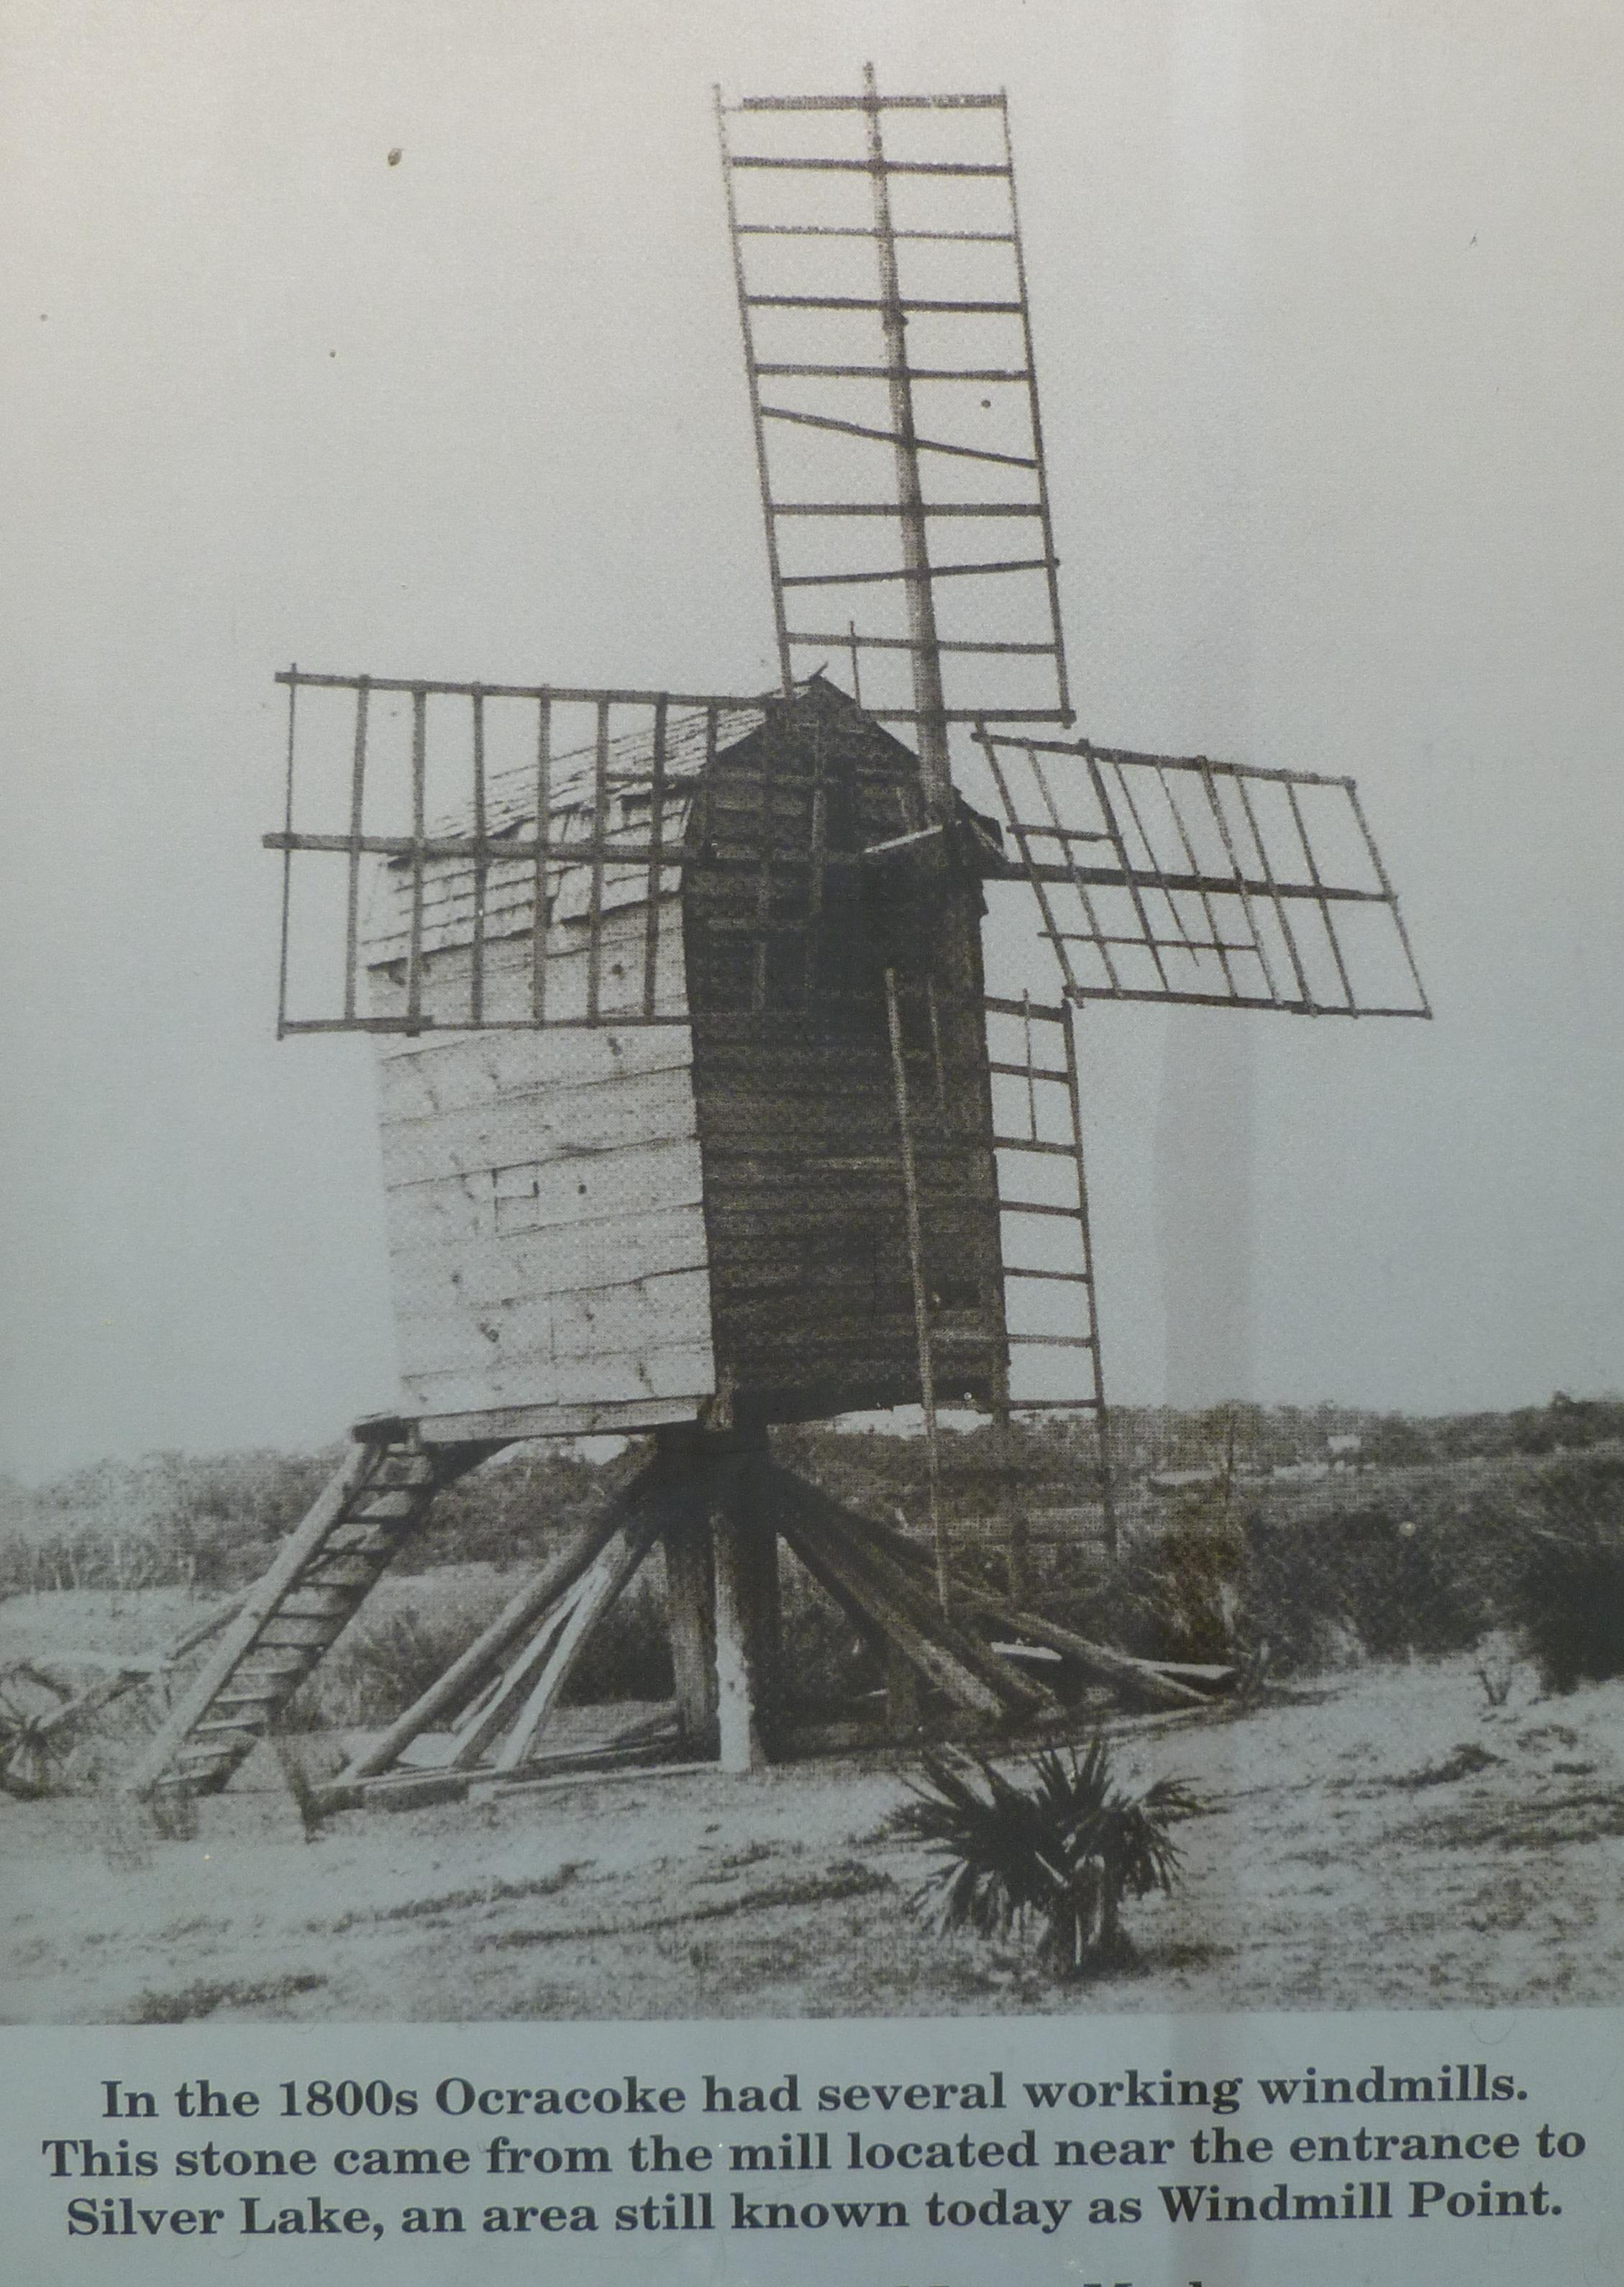 Ocracoke Windmill